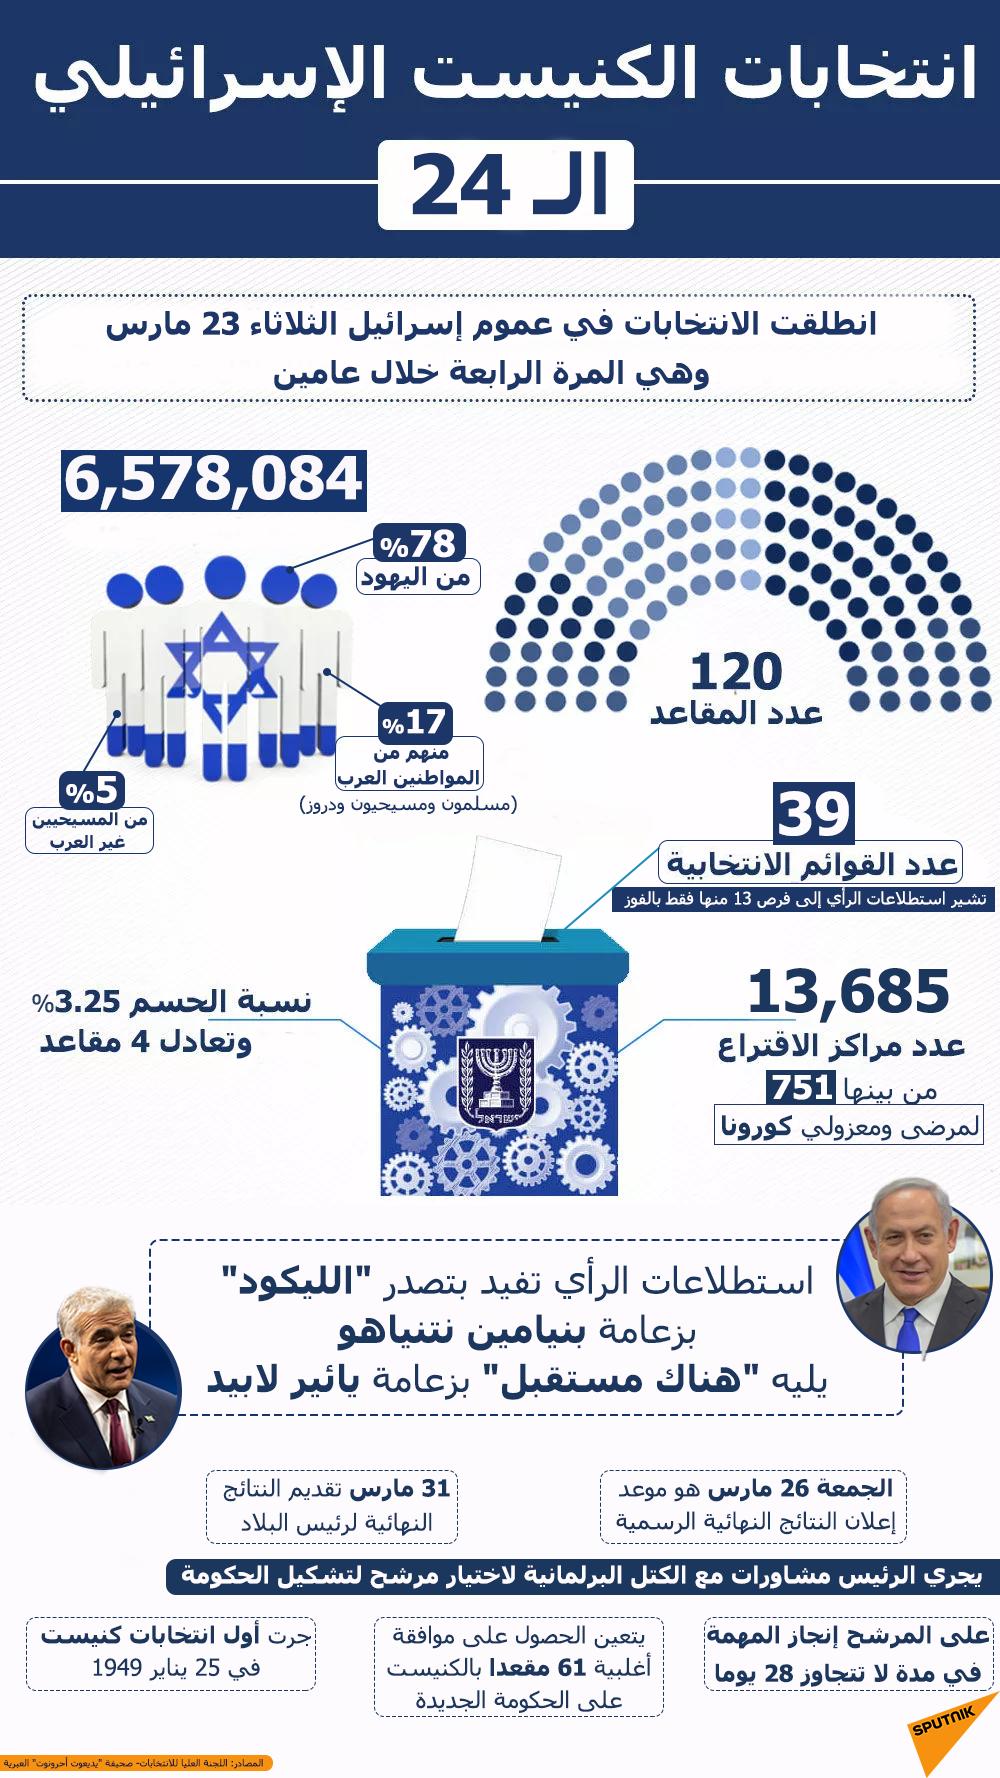 إنفوجرافيك... انتخابات الكنيست الإسرائيلي الـ 24